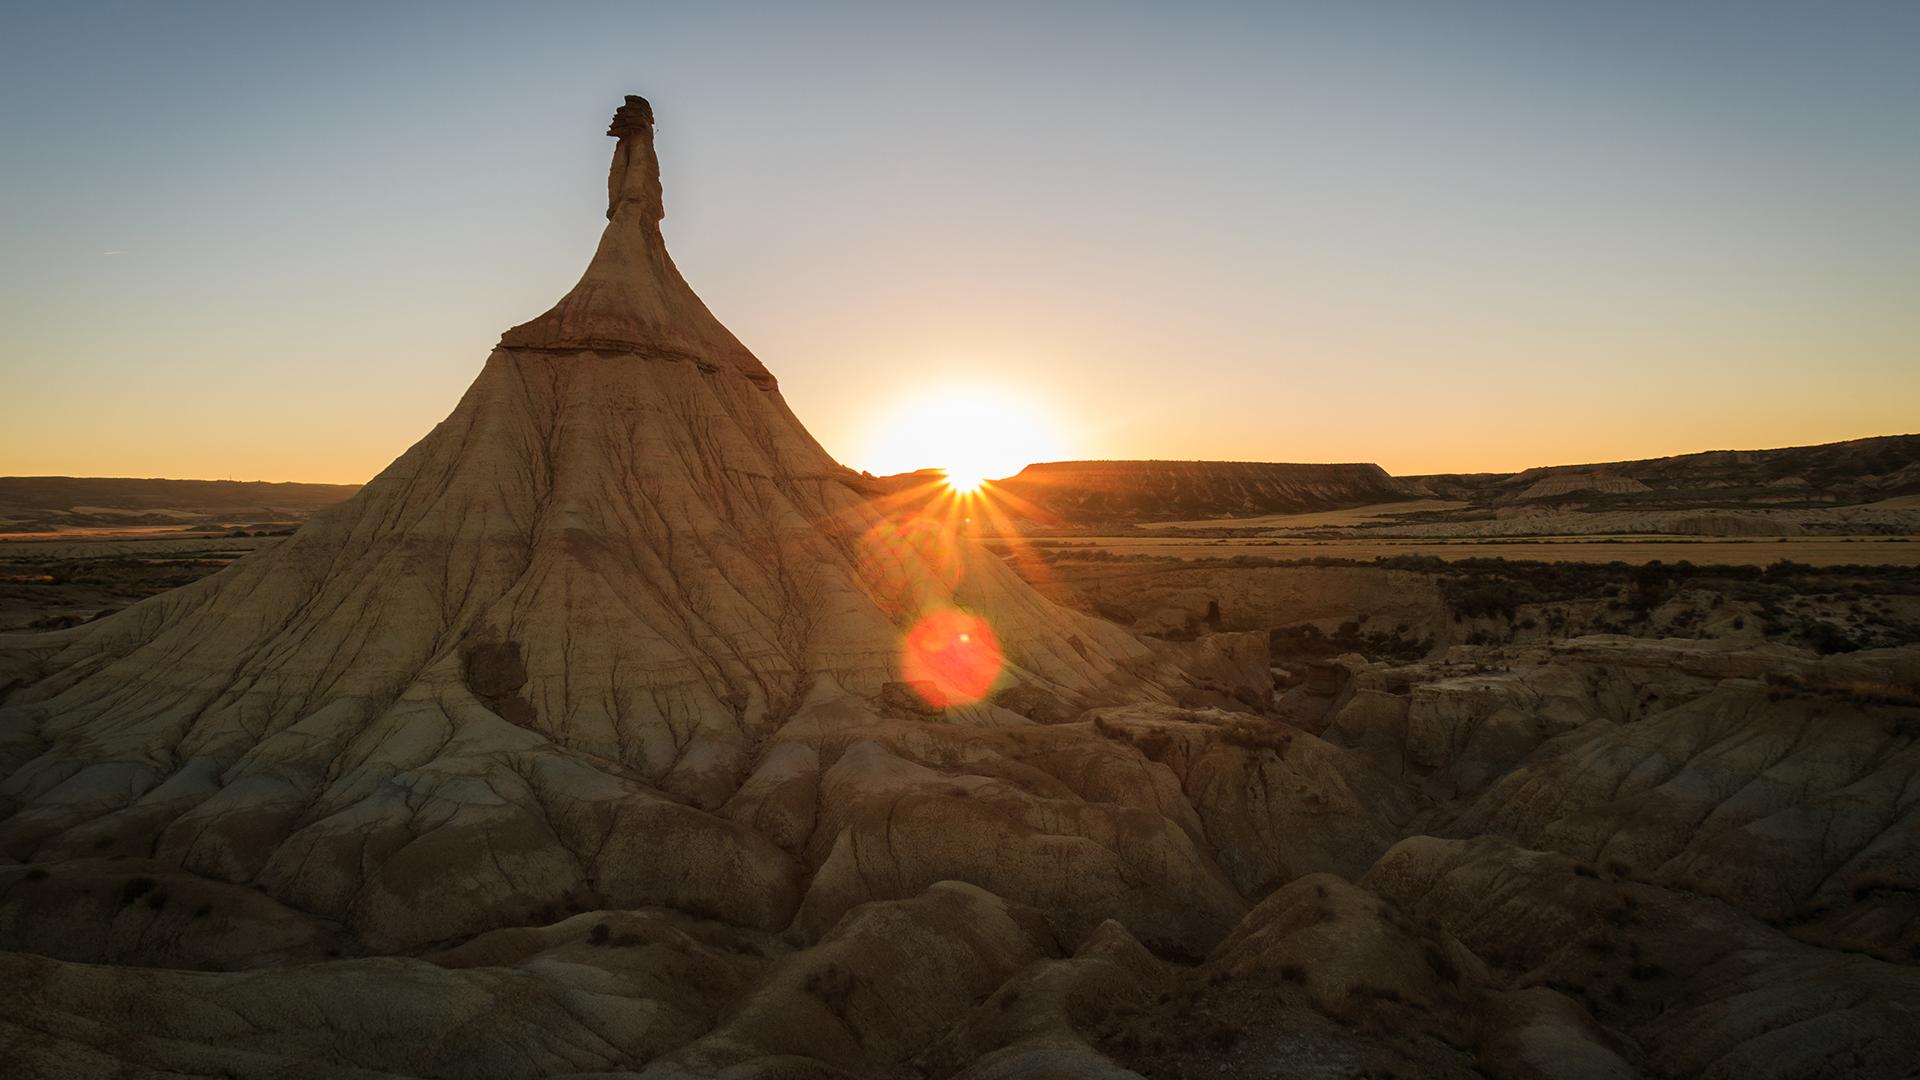 Colorida puesta de sol en Castildetierra, Bardenas, España, un paisajeque aparecerá la séptima temporada de la serie